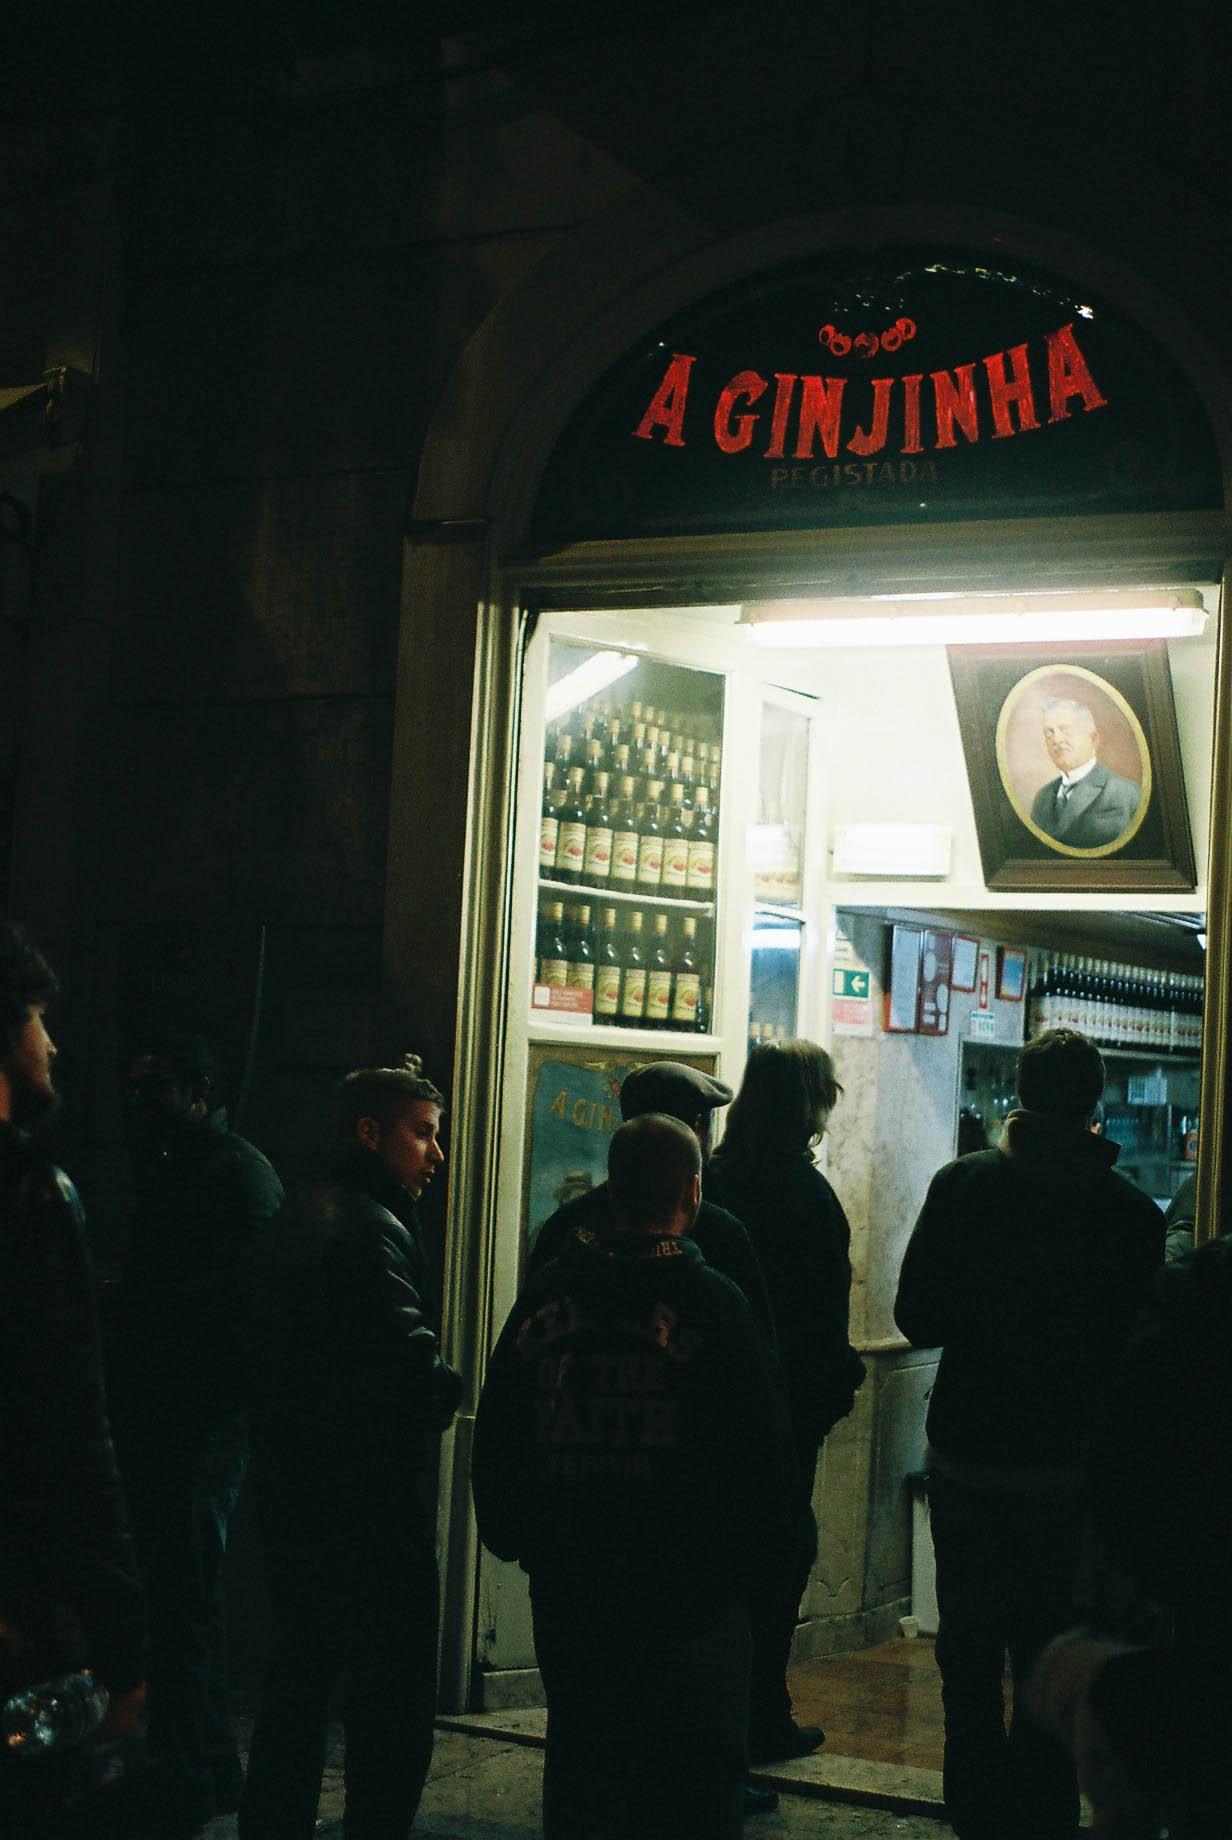 http://lafilladelfotografu.irenavisa.com/files/gimgs/61_f1000006-1.jpg